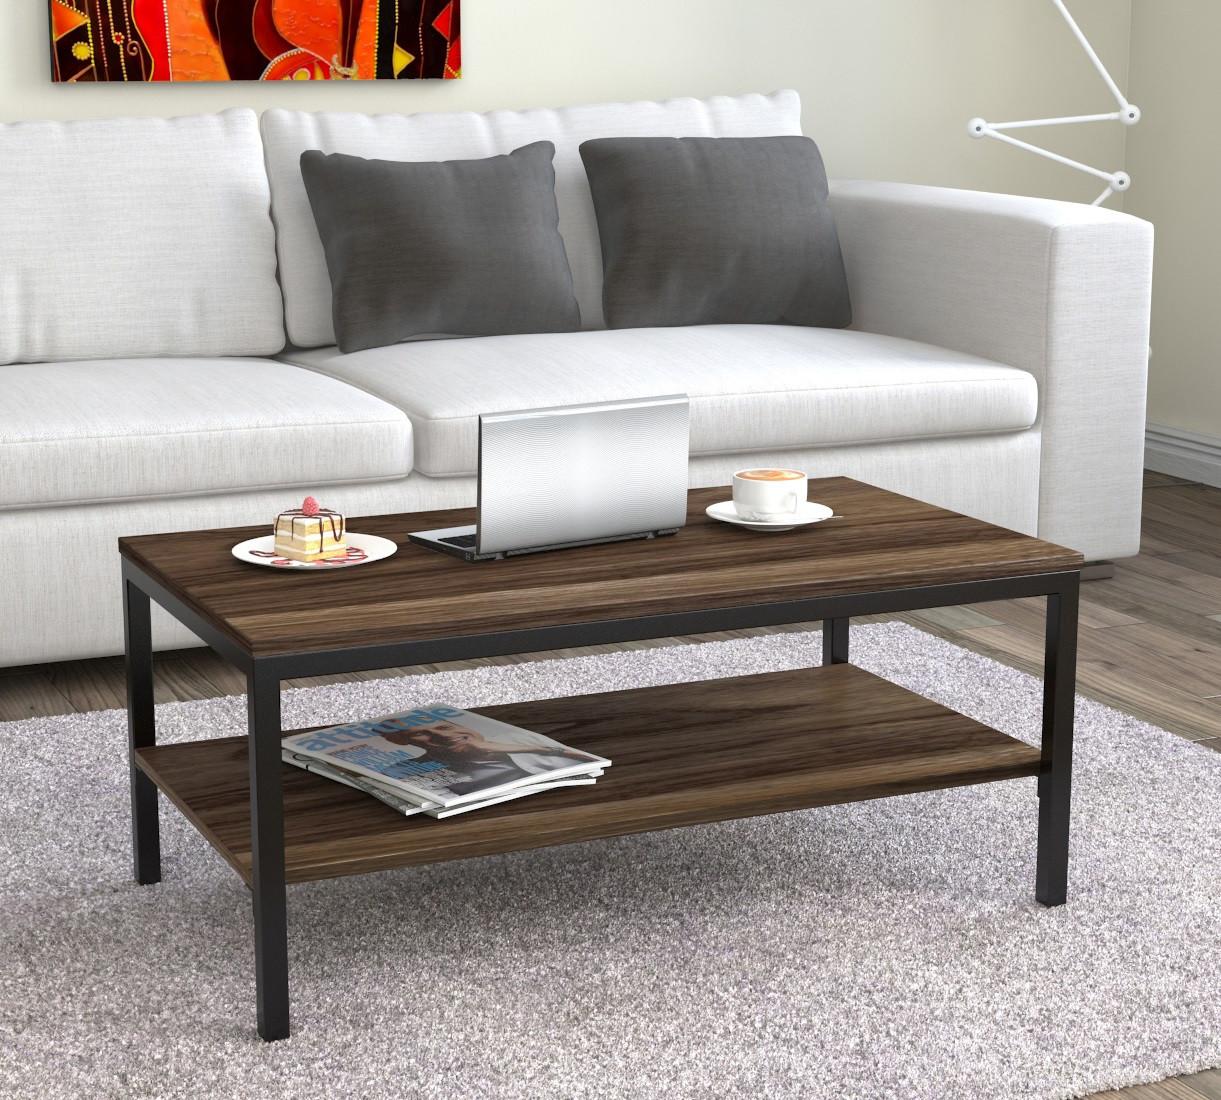 Журнальний стіл лофт Loft Design L-1 Горіх Модена